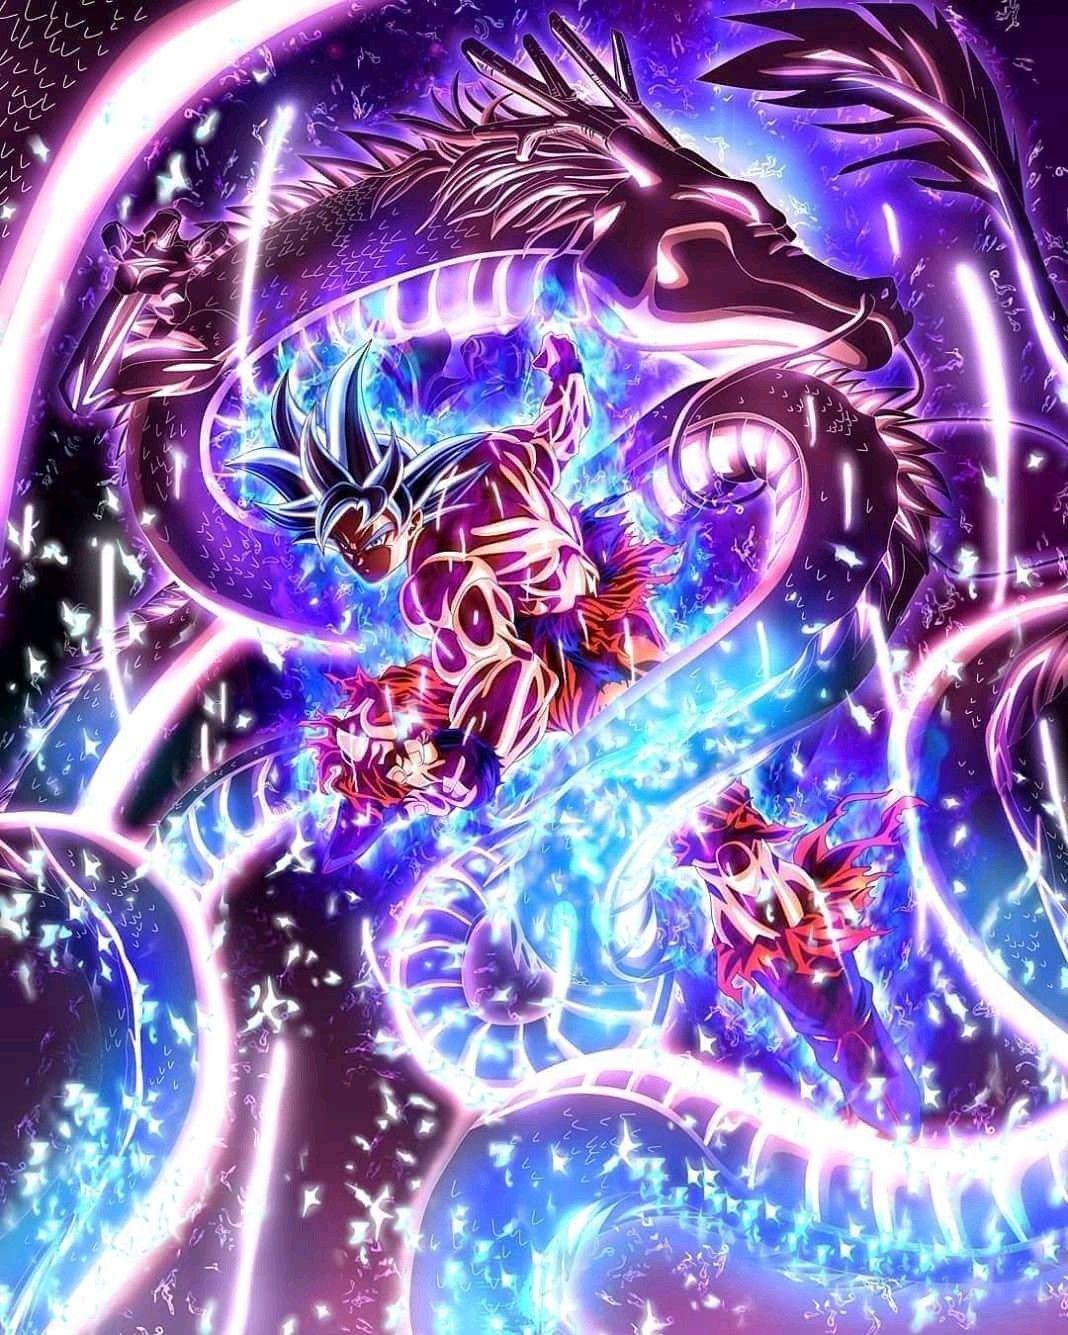 Goku atinge o instinto superior dragon ball super torneio do poder arte gr fico imagenes - Imagenes de dragon ball super ultra instinto ...